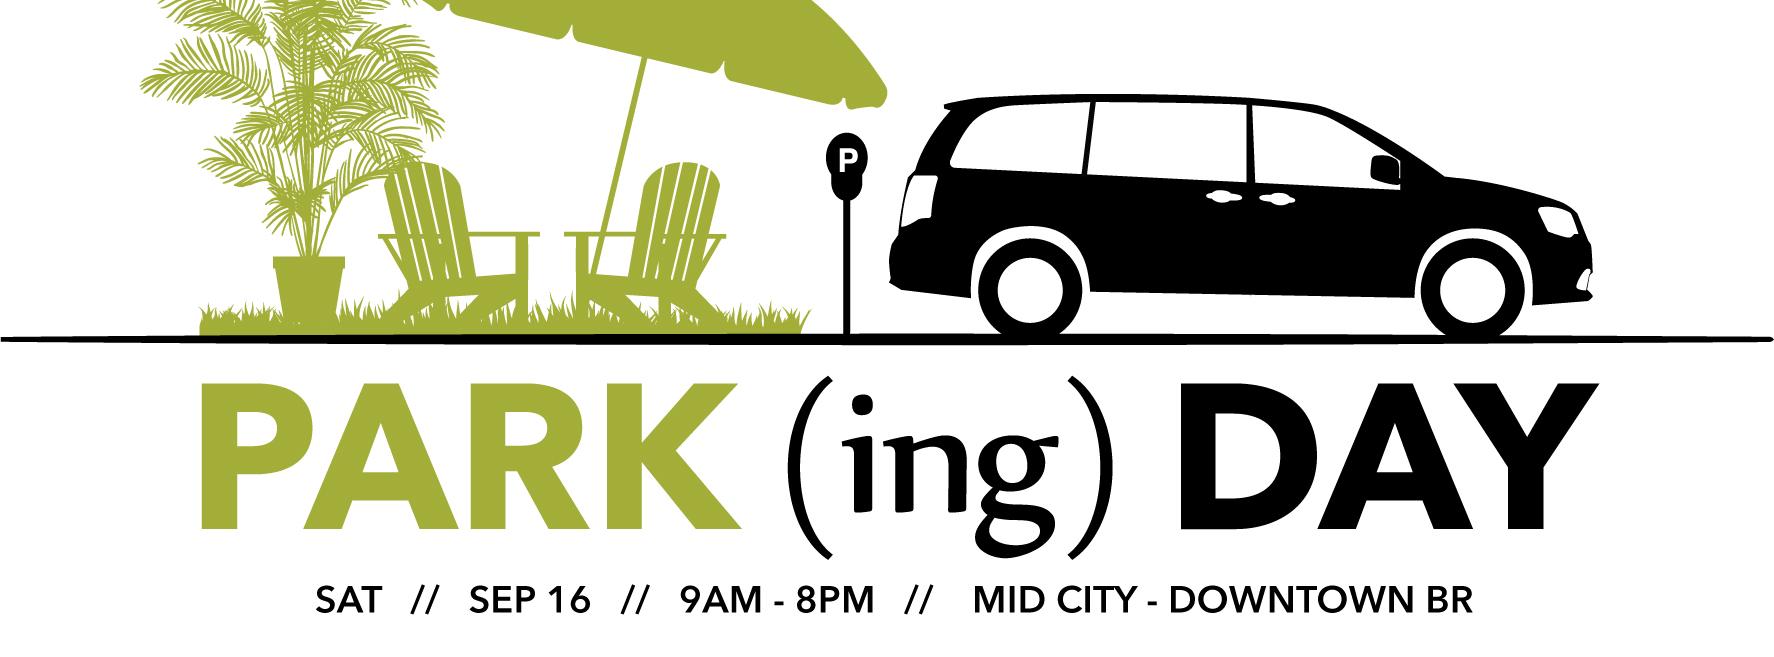 Parking Day Website-01.jpg